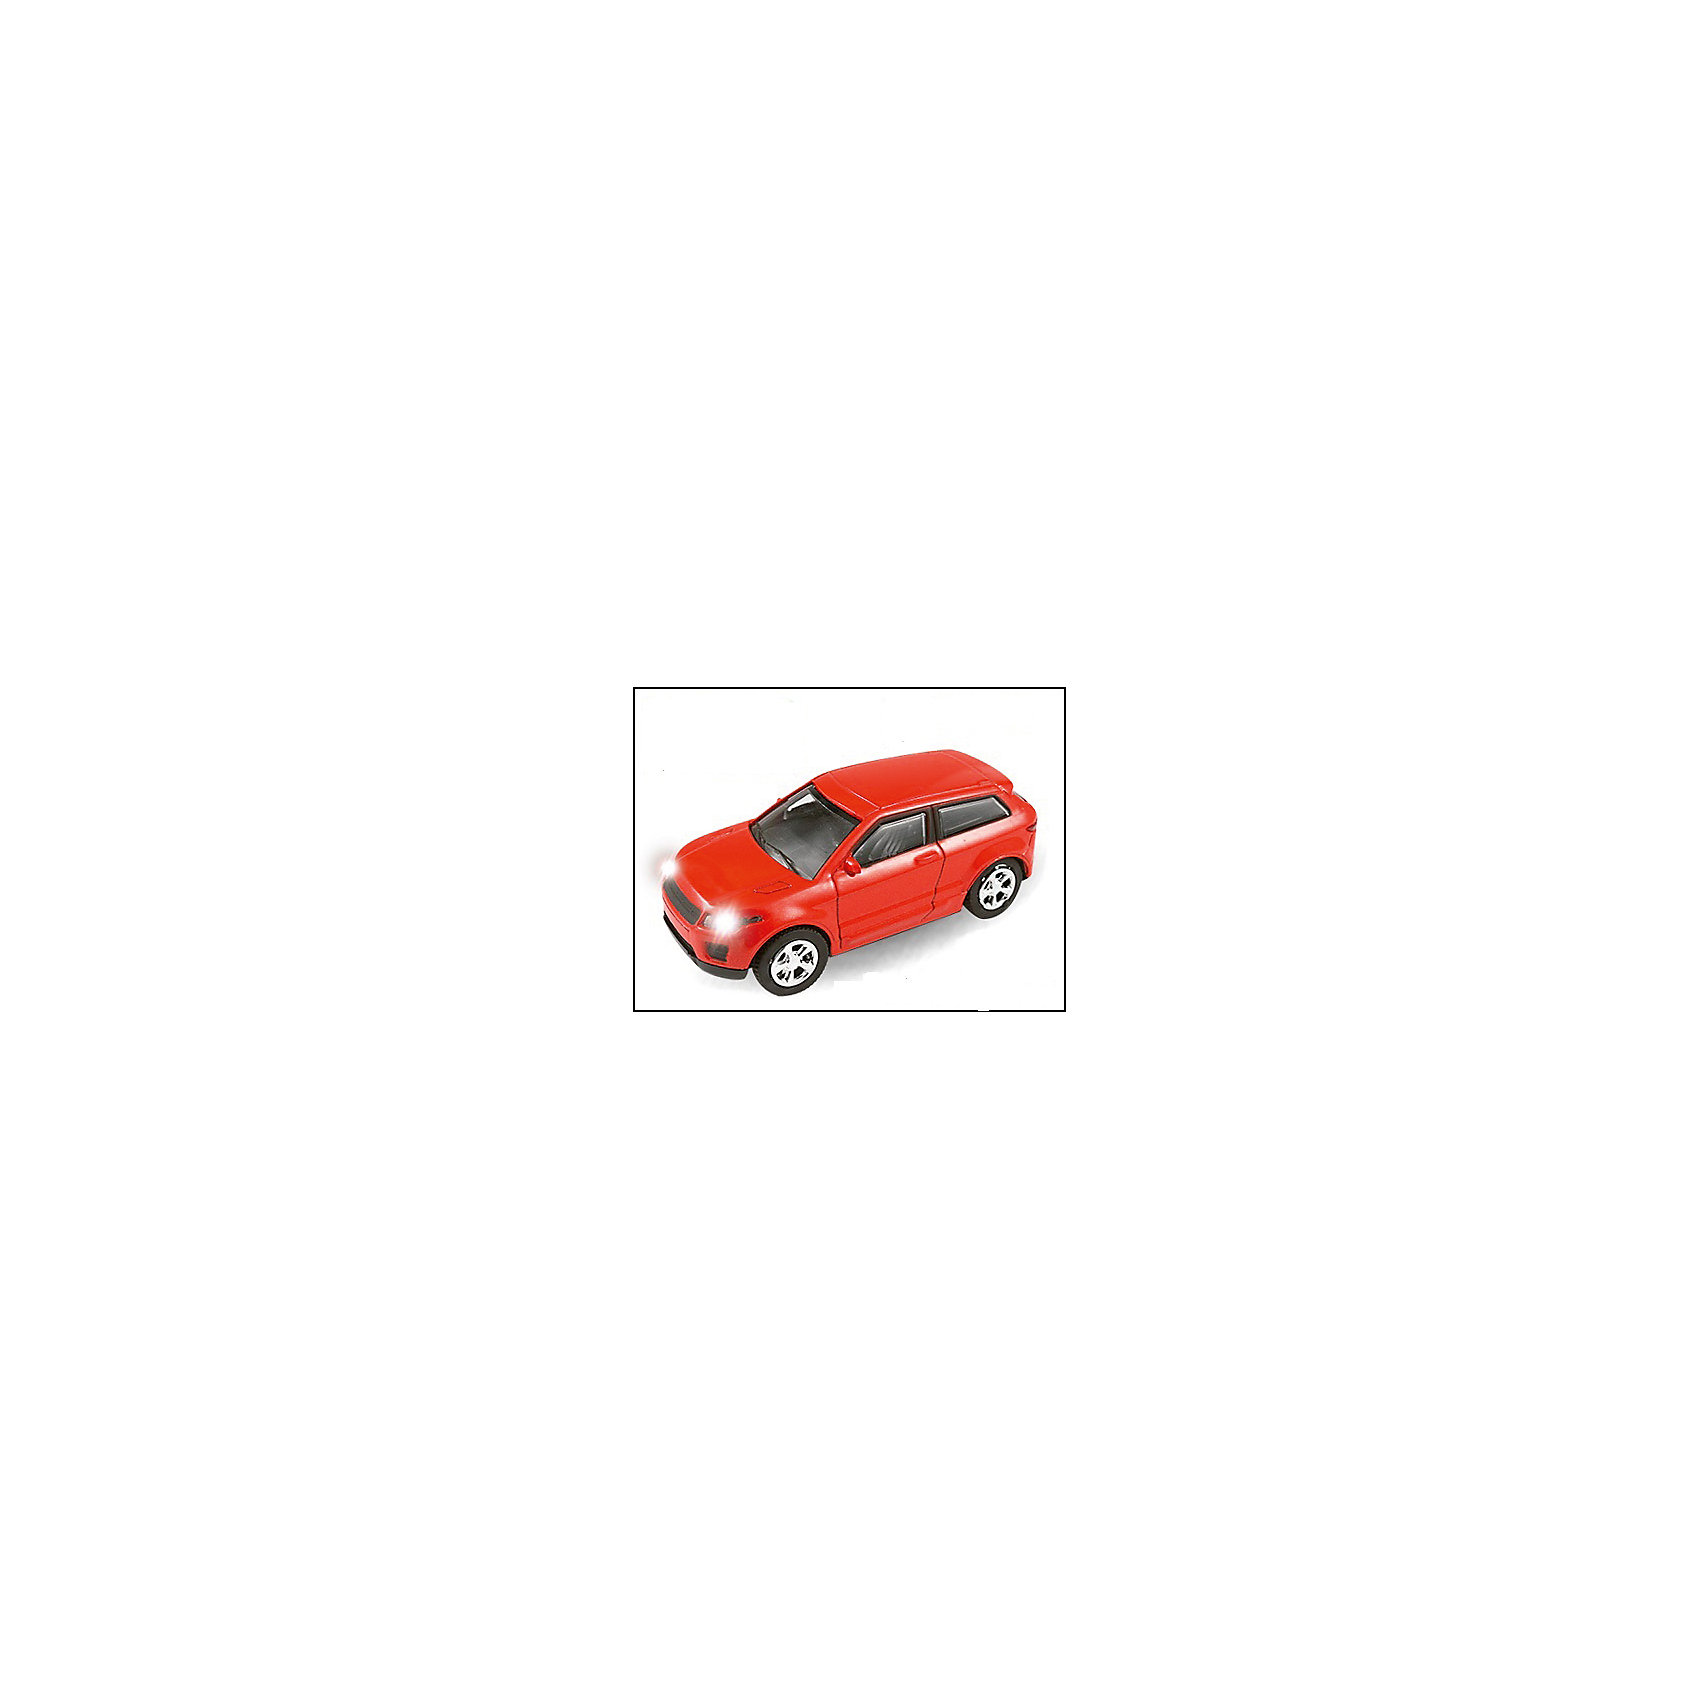 Машинка England Luxury Crossover со светом фар 1:43, AutotimeМашинки<br>Характеристики товара:<br><br>• цвет: красный<br>• материал: металл, пластик<br>• размер упаковки: 15х6х7 см<br>• батарейки входят в комплект<br>• вес: 100 г<br>• масштаб: 1:48<br>• световые эффекты<br>• инерционный механизм<br>• хорошая детализация<br>• упаковка: коробка<br>• прочный материал<br>• страна бренда: Россия<br>• страна производства: Китай<br><br>Такая машинка приведет мальчишек в восторг! Она отлично детализирована и так похожа на настоящую. С подобной игрушкой можно придумать множество сюжетов для игр. Благодаря прочному материалу она сможет долго радовать ребенка.<br><br>Машинка может выполнять сразу несколько функций: развлекать ребенка, помогать вырабатывать практические качества: ловкость, координацию, мелкую моторику. Также в процессе увлекательной игры развивается фантазия ребенка. Изделие выполнено из сертифицированных материалов, безопасных для детей.<br><br>Машинку England Luxury Crossover со светом фар 1:43 от бренда AUTOTIME можно купить в нашем интернет-магазине.<br><br>Ширина мм: 165<br>Глубина мм: 57<br>Высота мм: 75<br>Вес г: 13<br>Возраст от месяцев: 36<br>Возраст до месяцев: 2147483647<br>Пол: Мужской<br>Возраст: Детский<br>SKU: 5584031